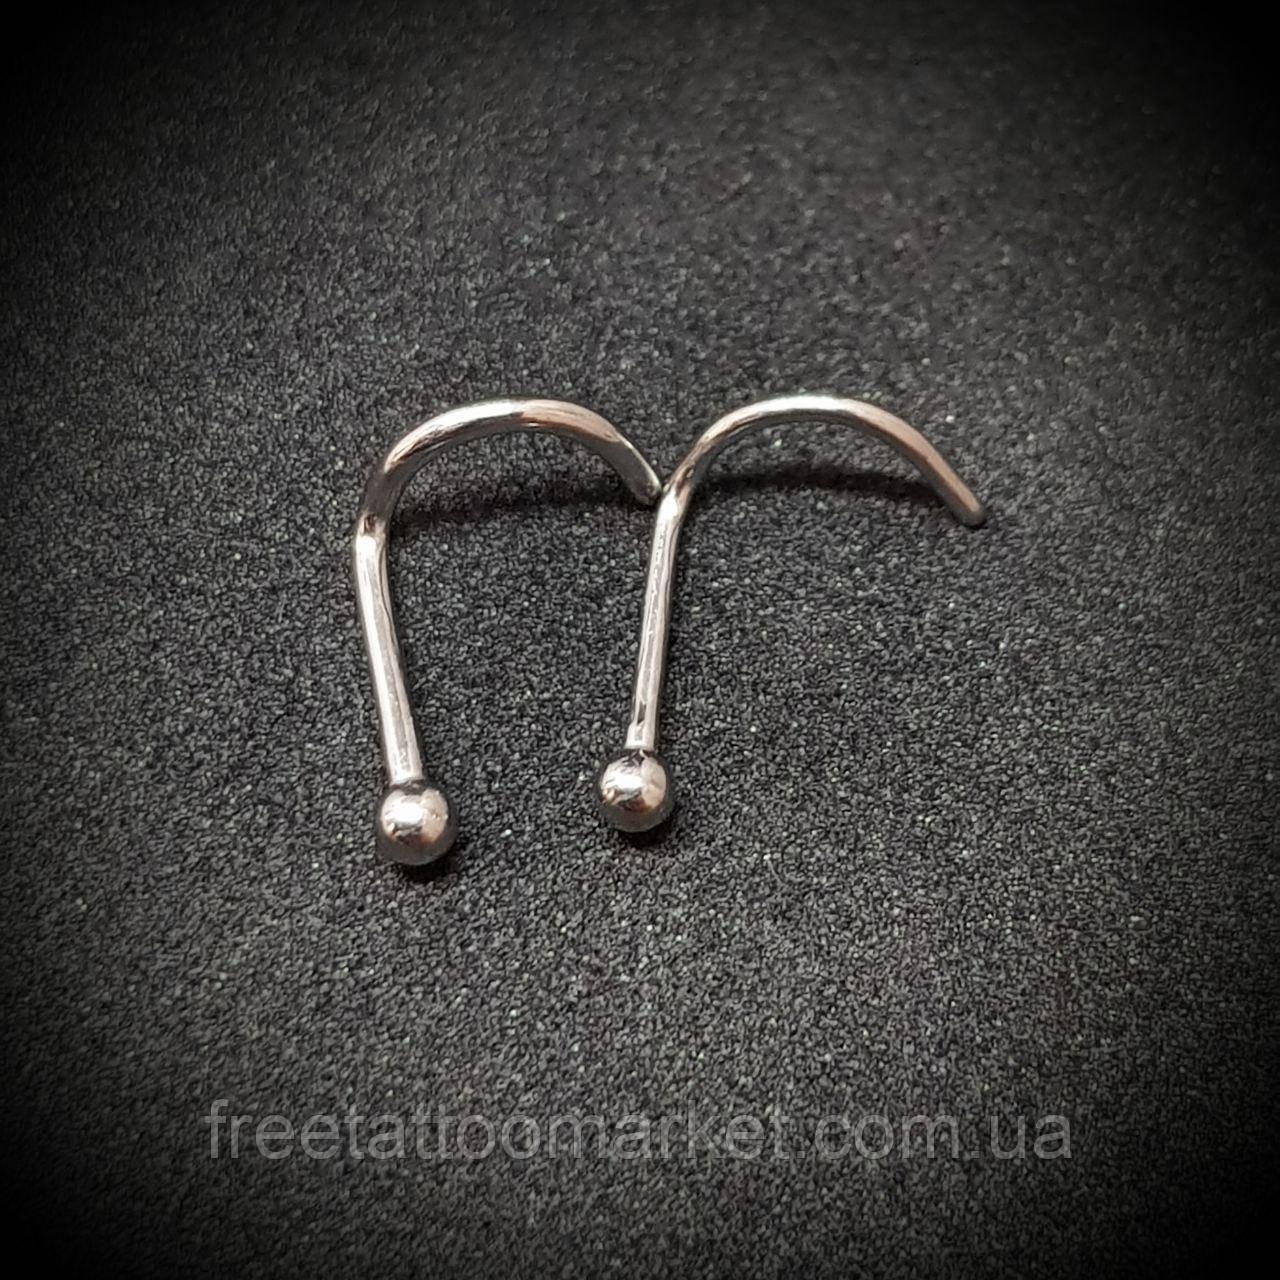 Серьги для пирсинга носа с шариком (нострил) 0.8 х 6.5 х 2 мм (титан)